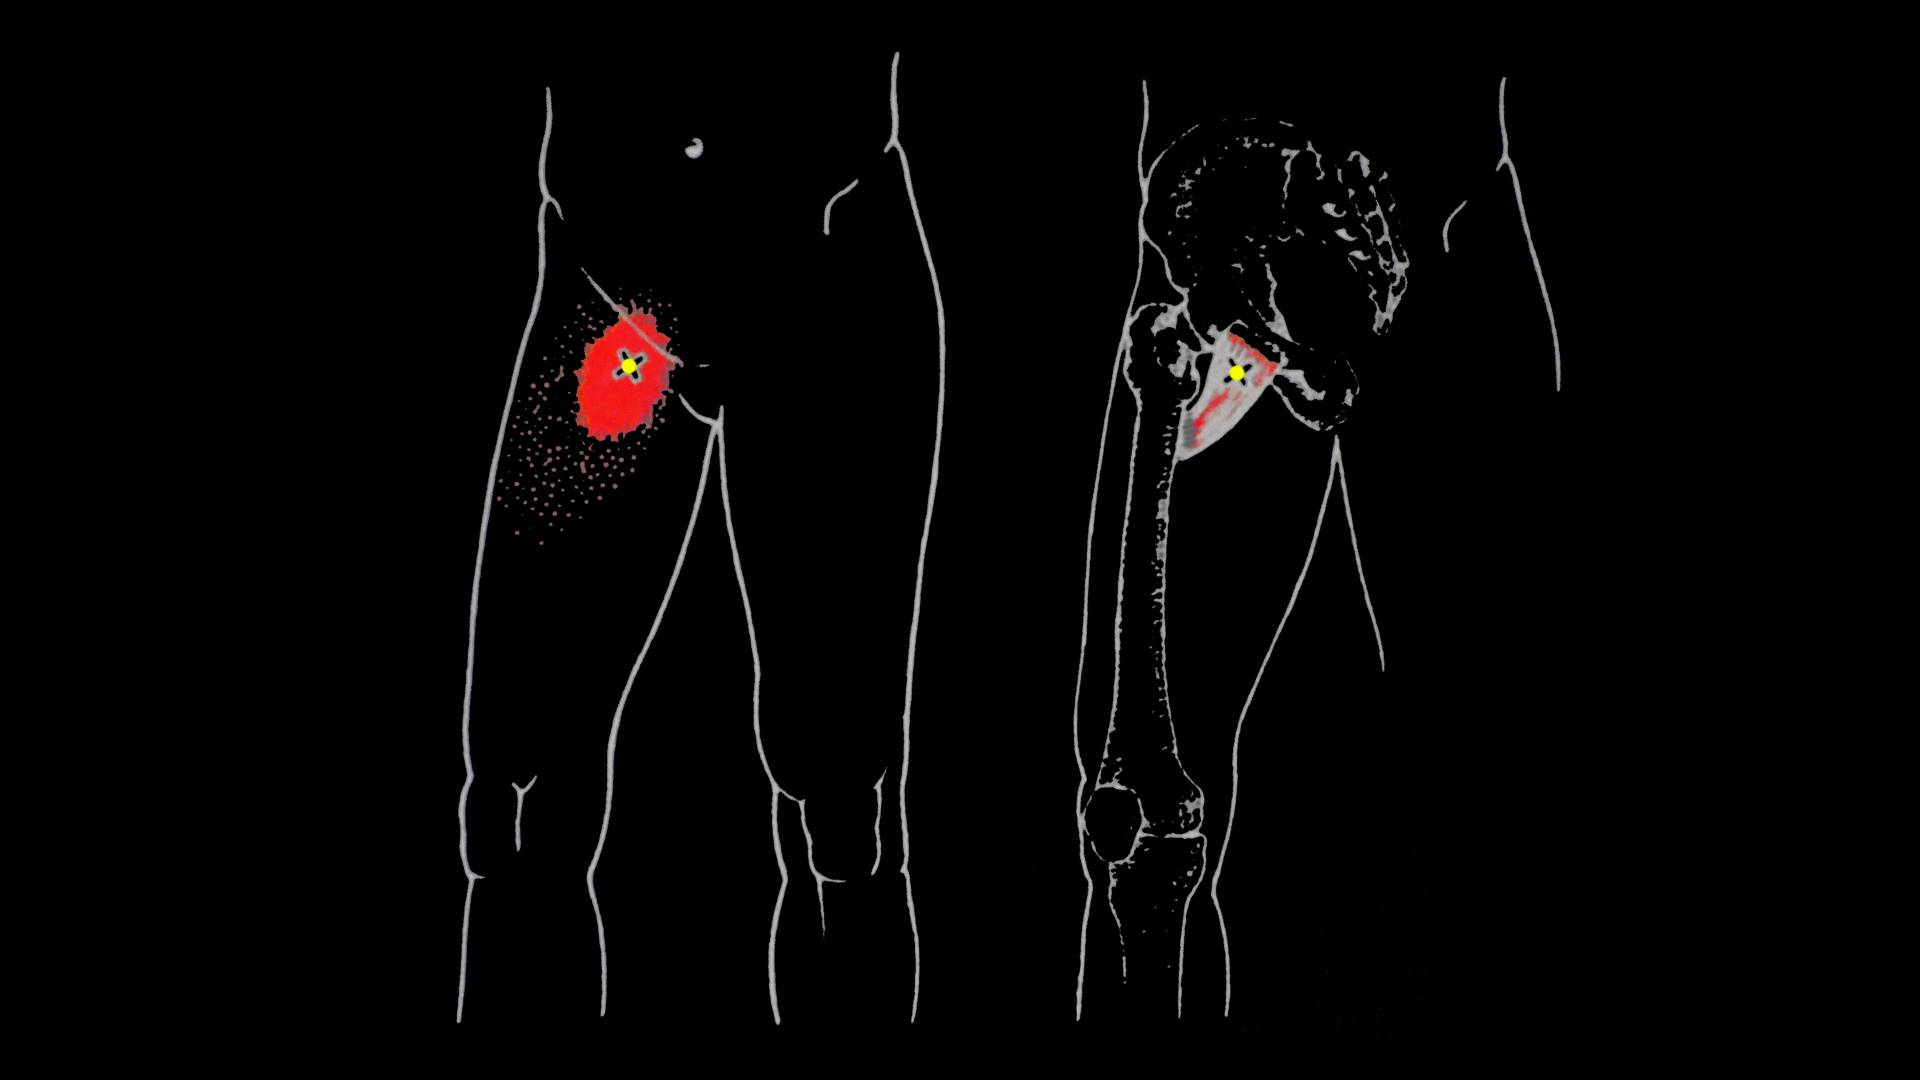 Уплотнение на внешней стороне бедра. почему возникает опухоль на внутренней стороне бедра. распространенные причины у женщины